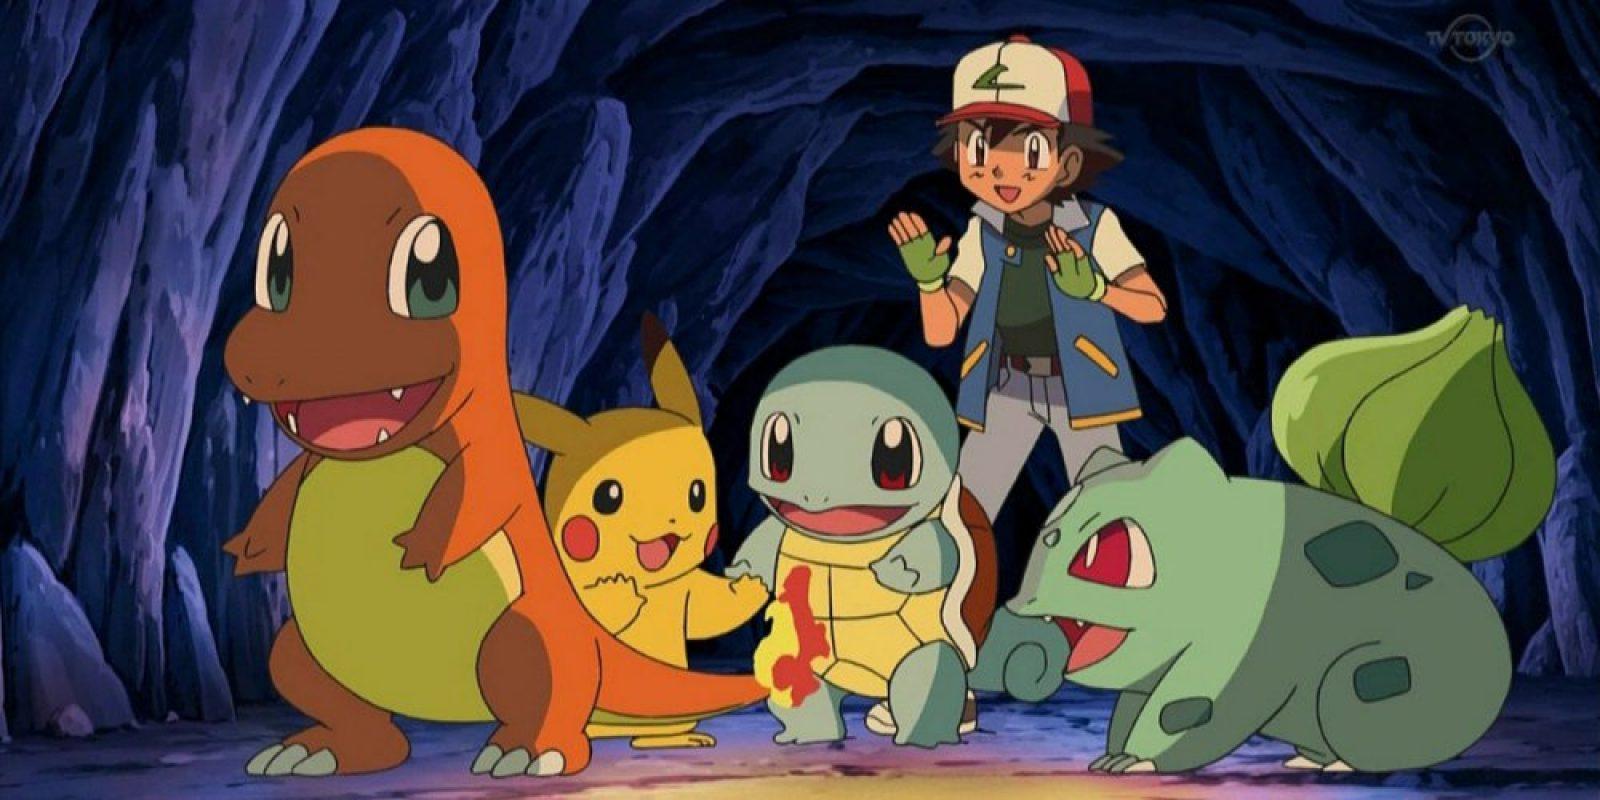 . Imagen Por: The Pokémon Company